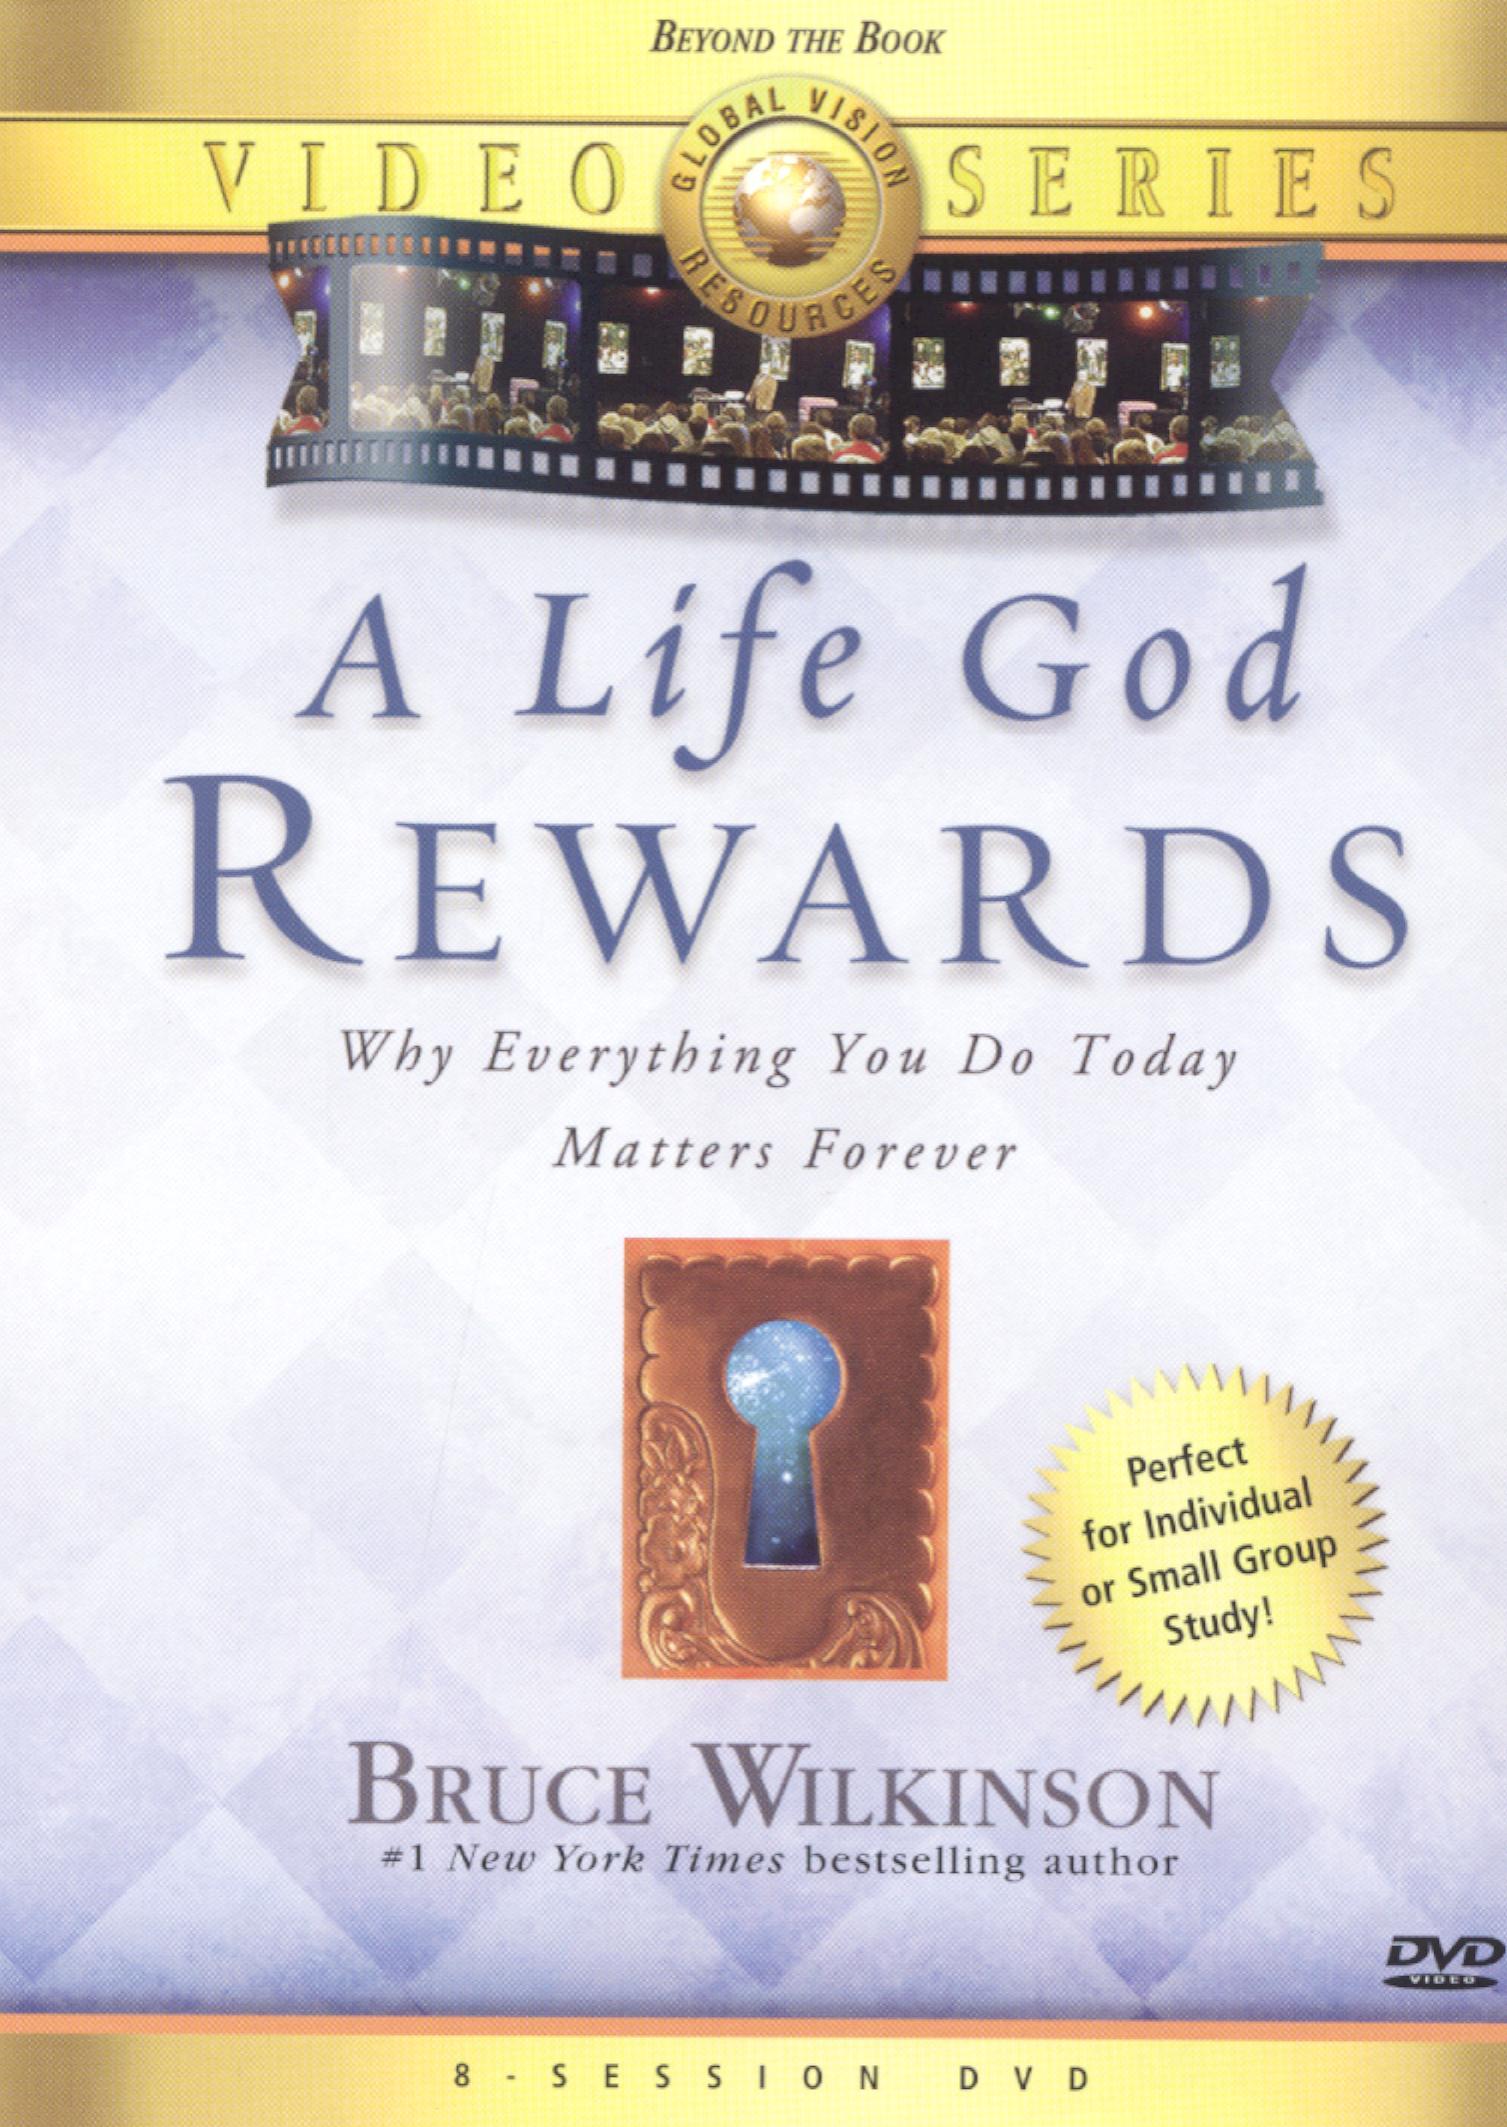 Bruce Wilkinson: A Life God Rewards